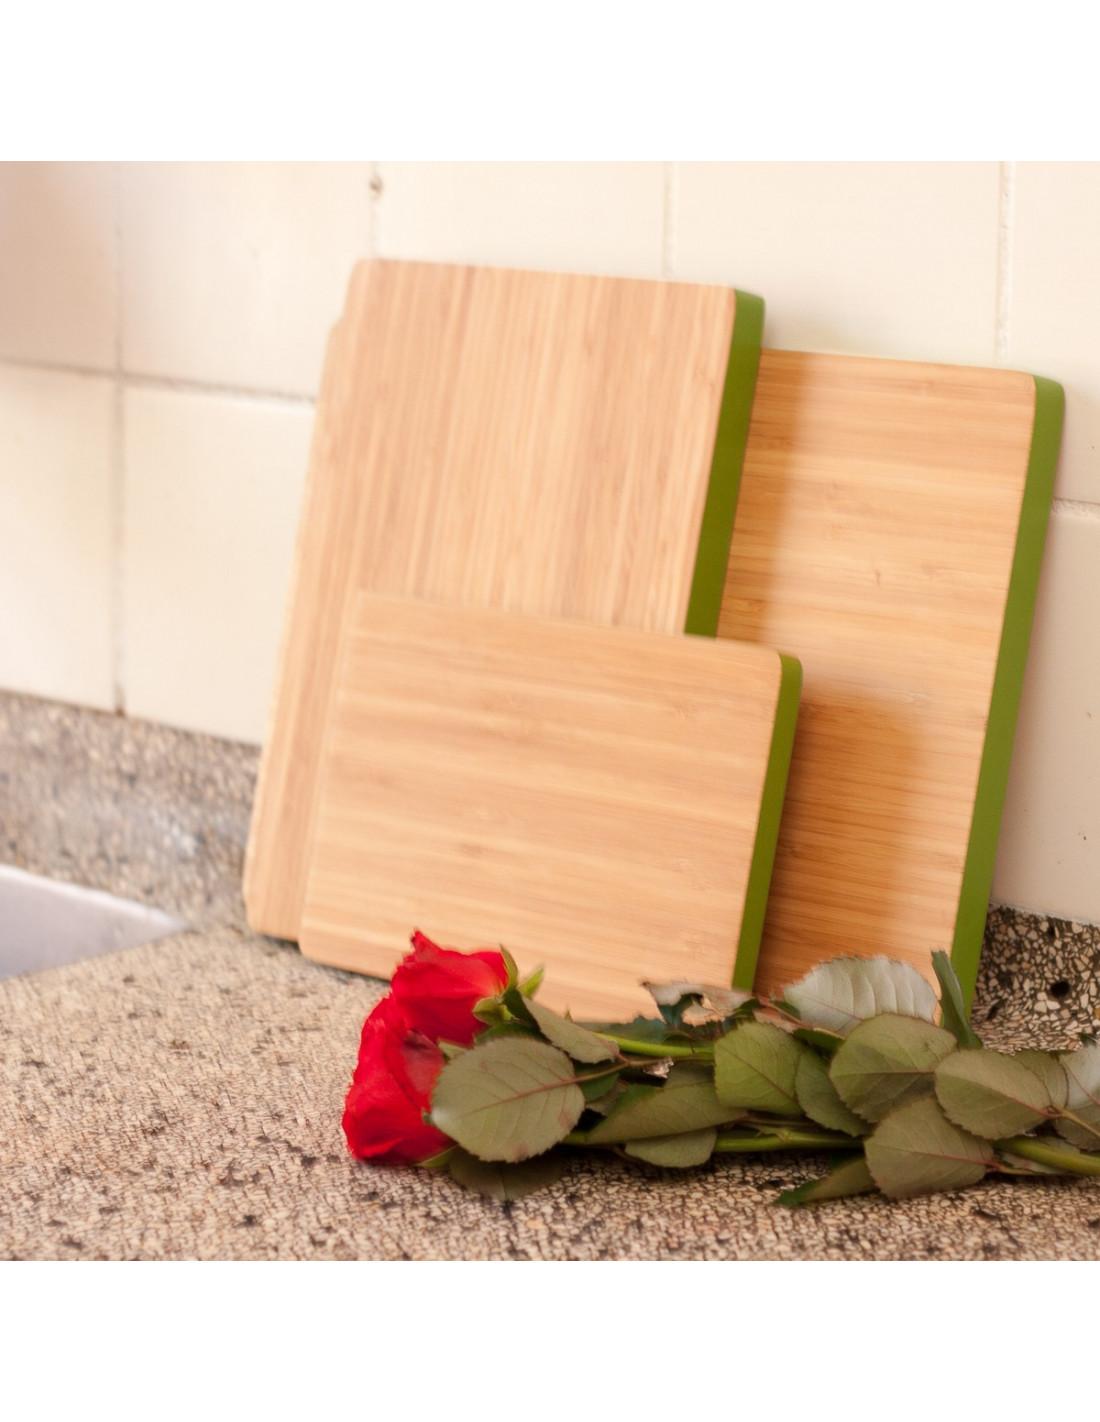 Grote bamboe snijplank met een groene rand - Houten accessoires en ...